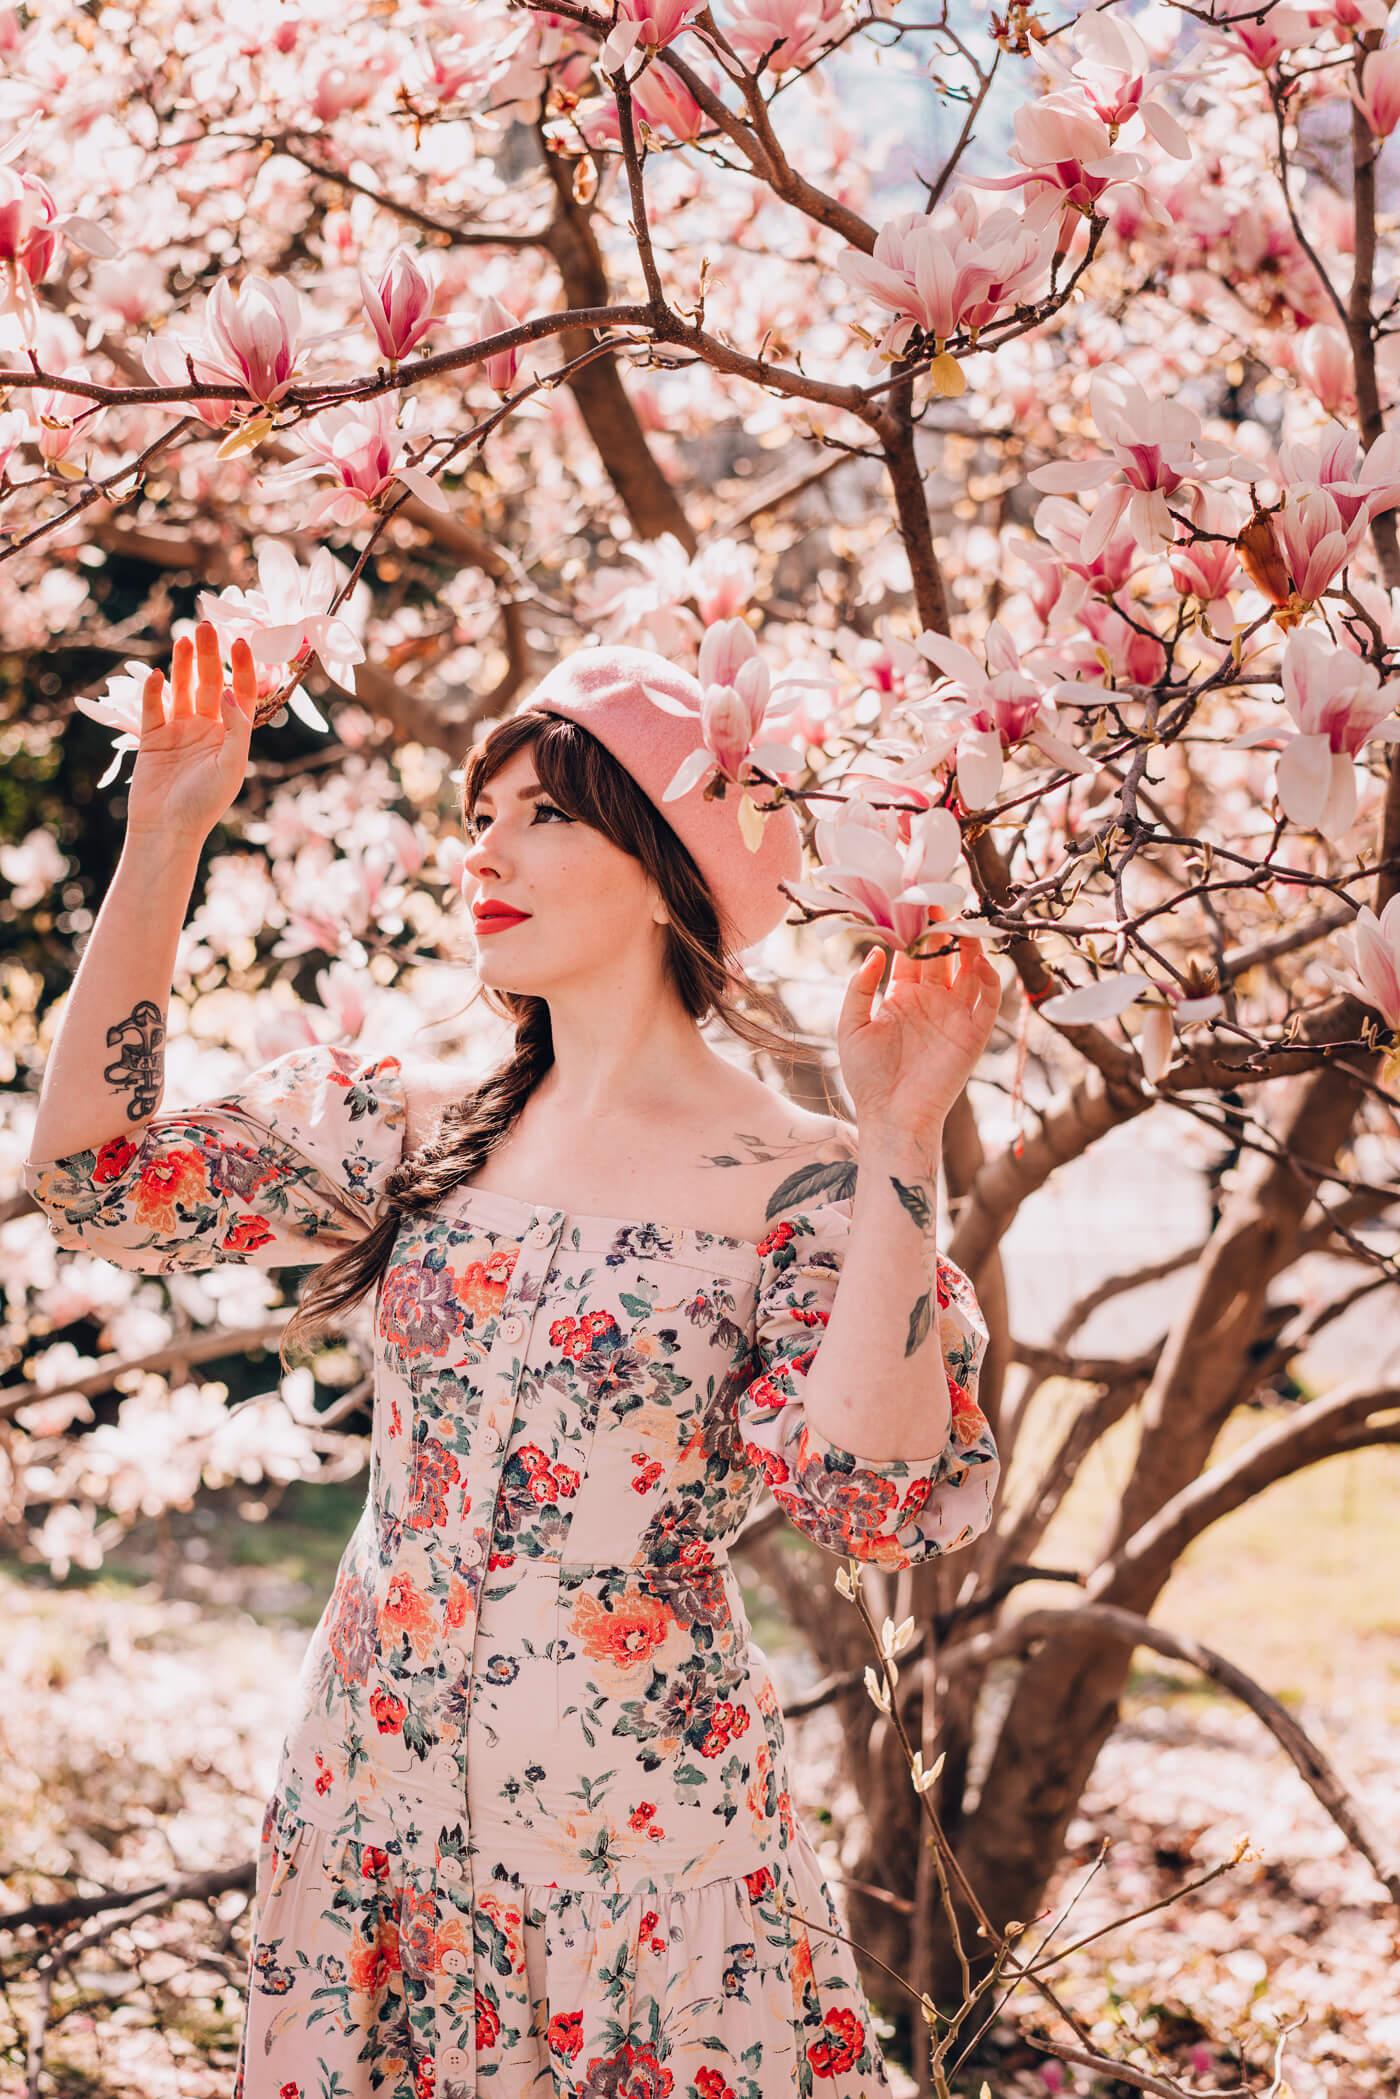 rebecca taylor dress, off the shoulder pink summer floral dress 2018